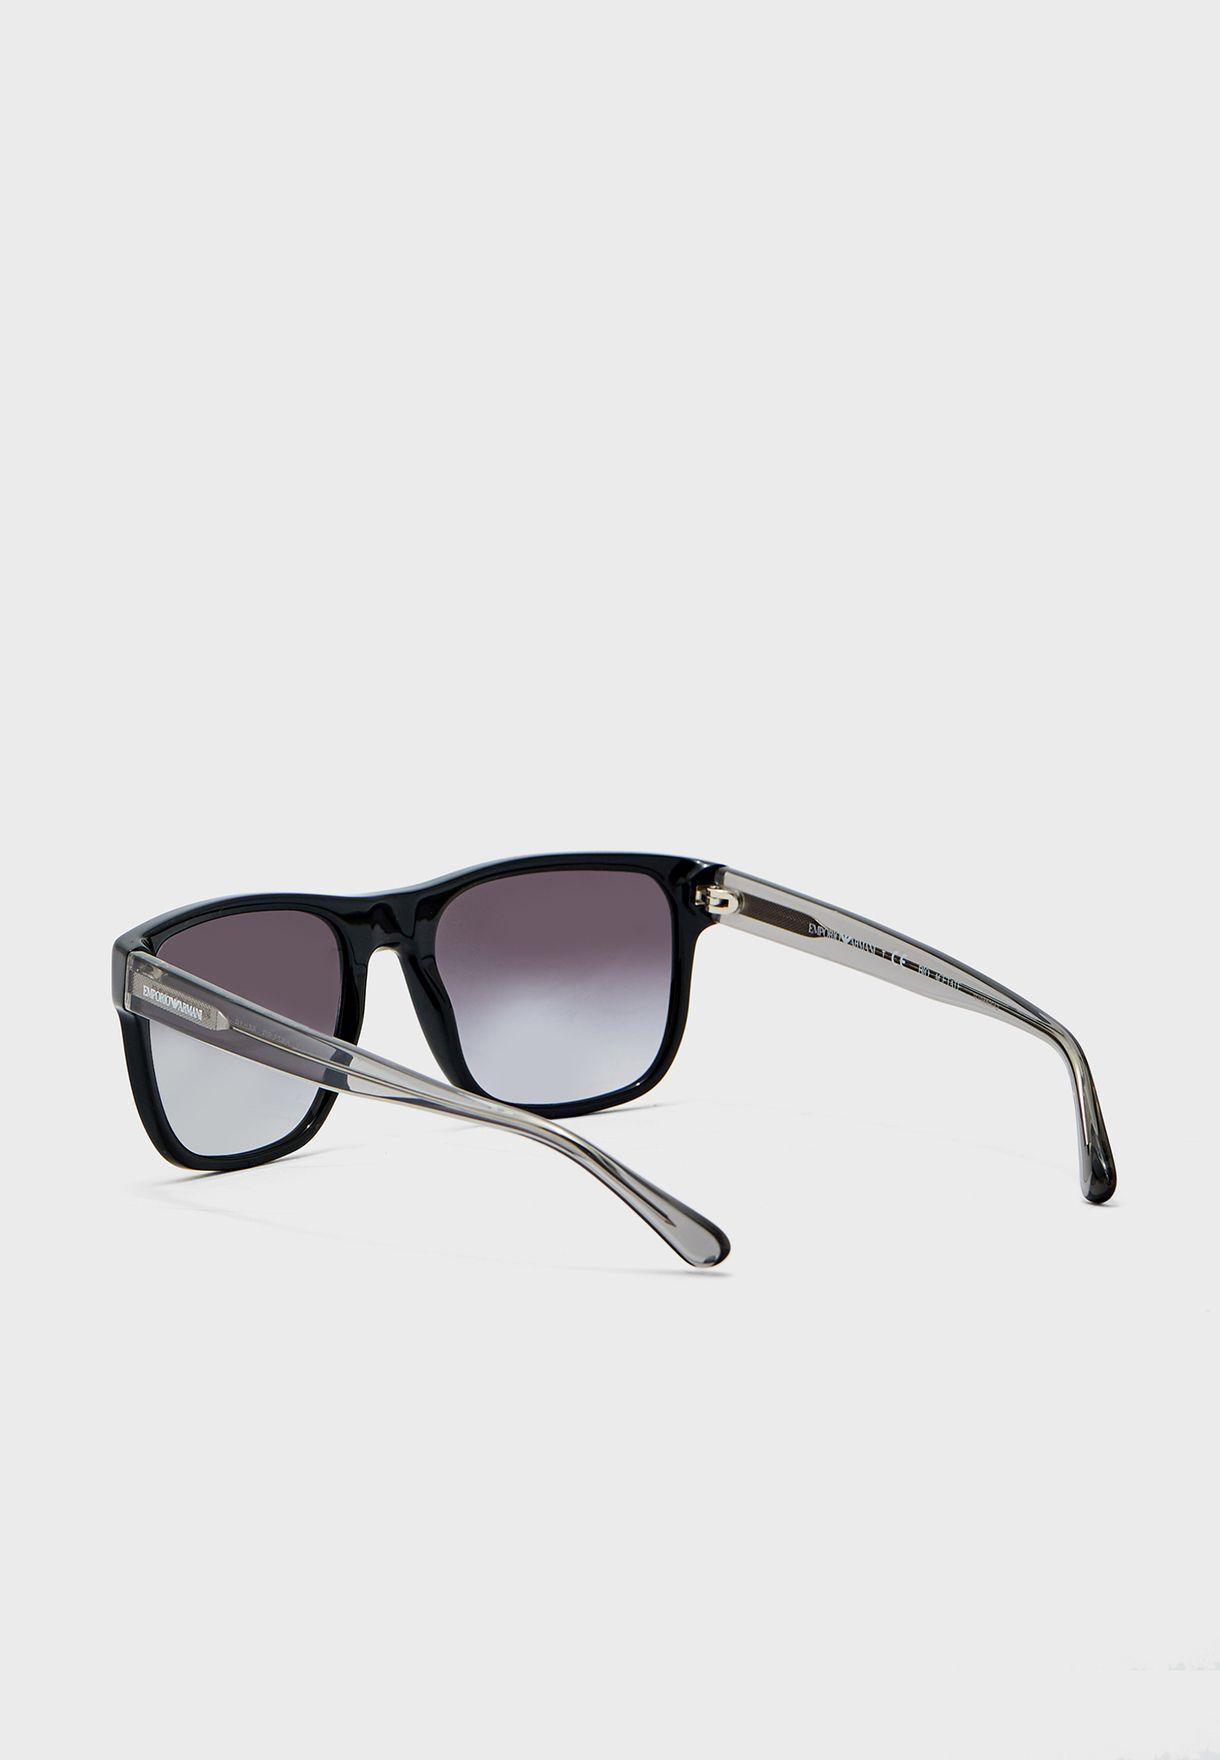 نظارة شمسية باذرع رفيعة 0Ea4163